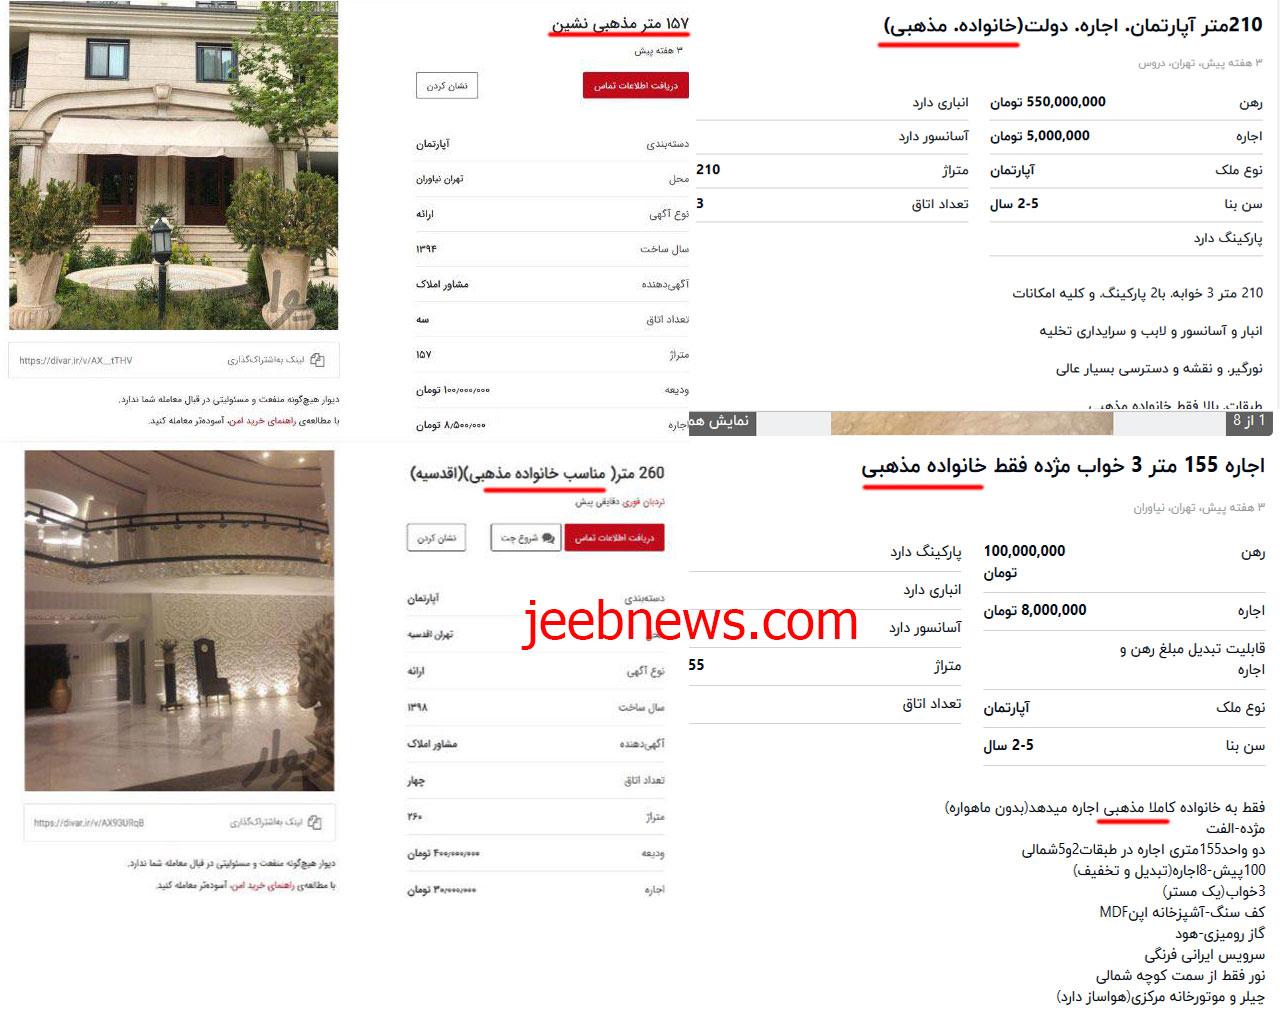 به این خانه ها فقط مذهبی ها می توانند وارد شوند(+عکس)